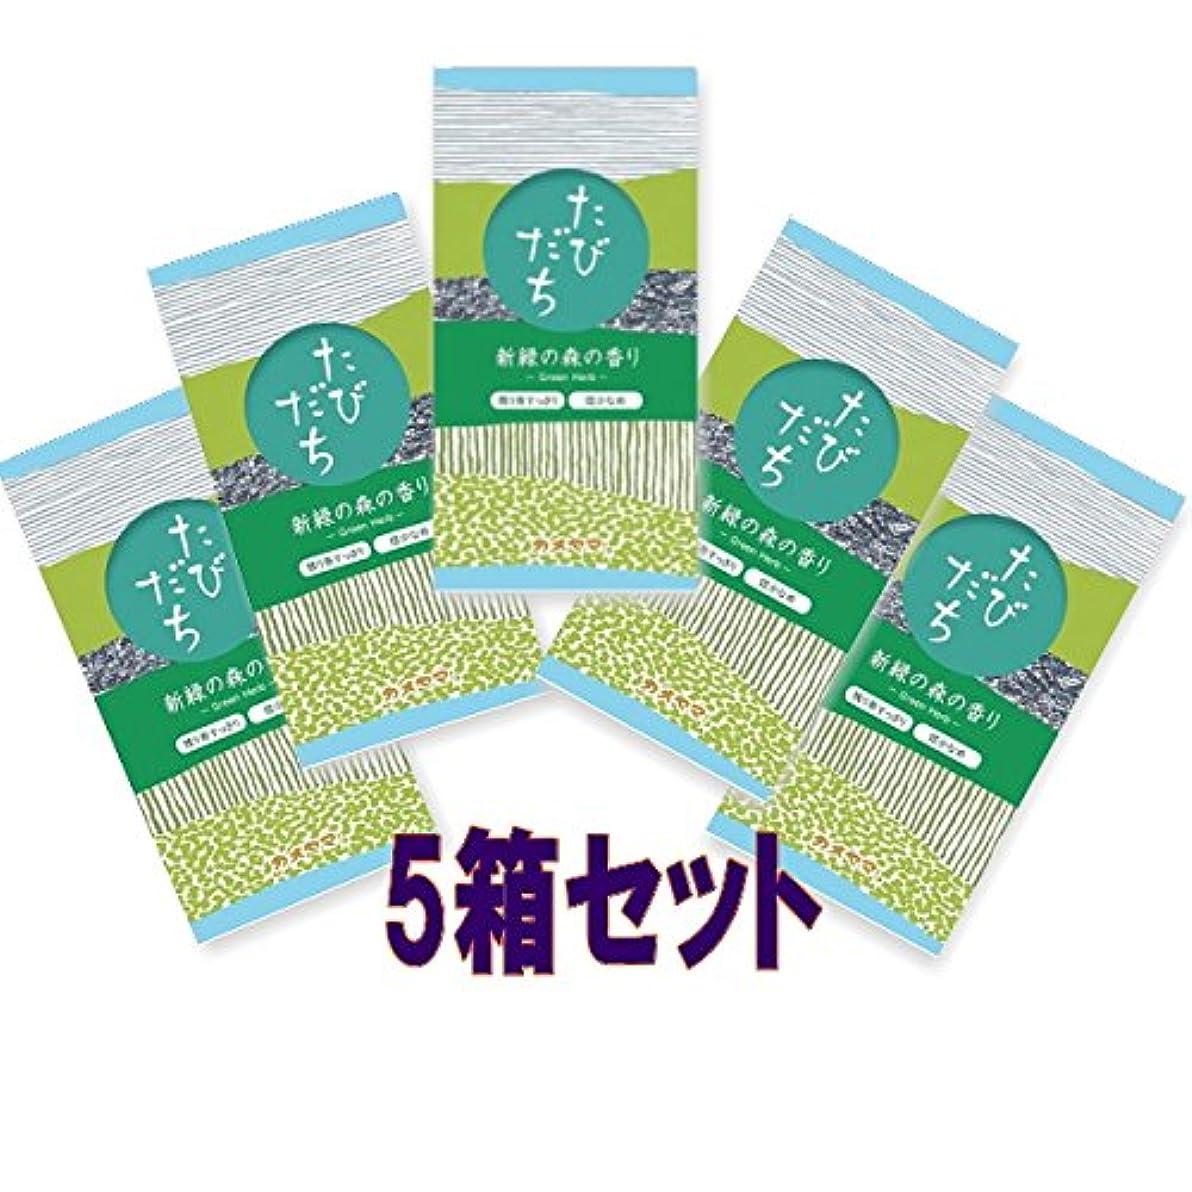 仲間金額プラカードまとめ買 たびだち 新緑の森の香り 5箱セット カメヤマ